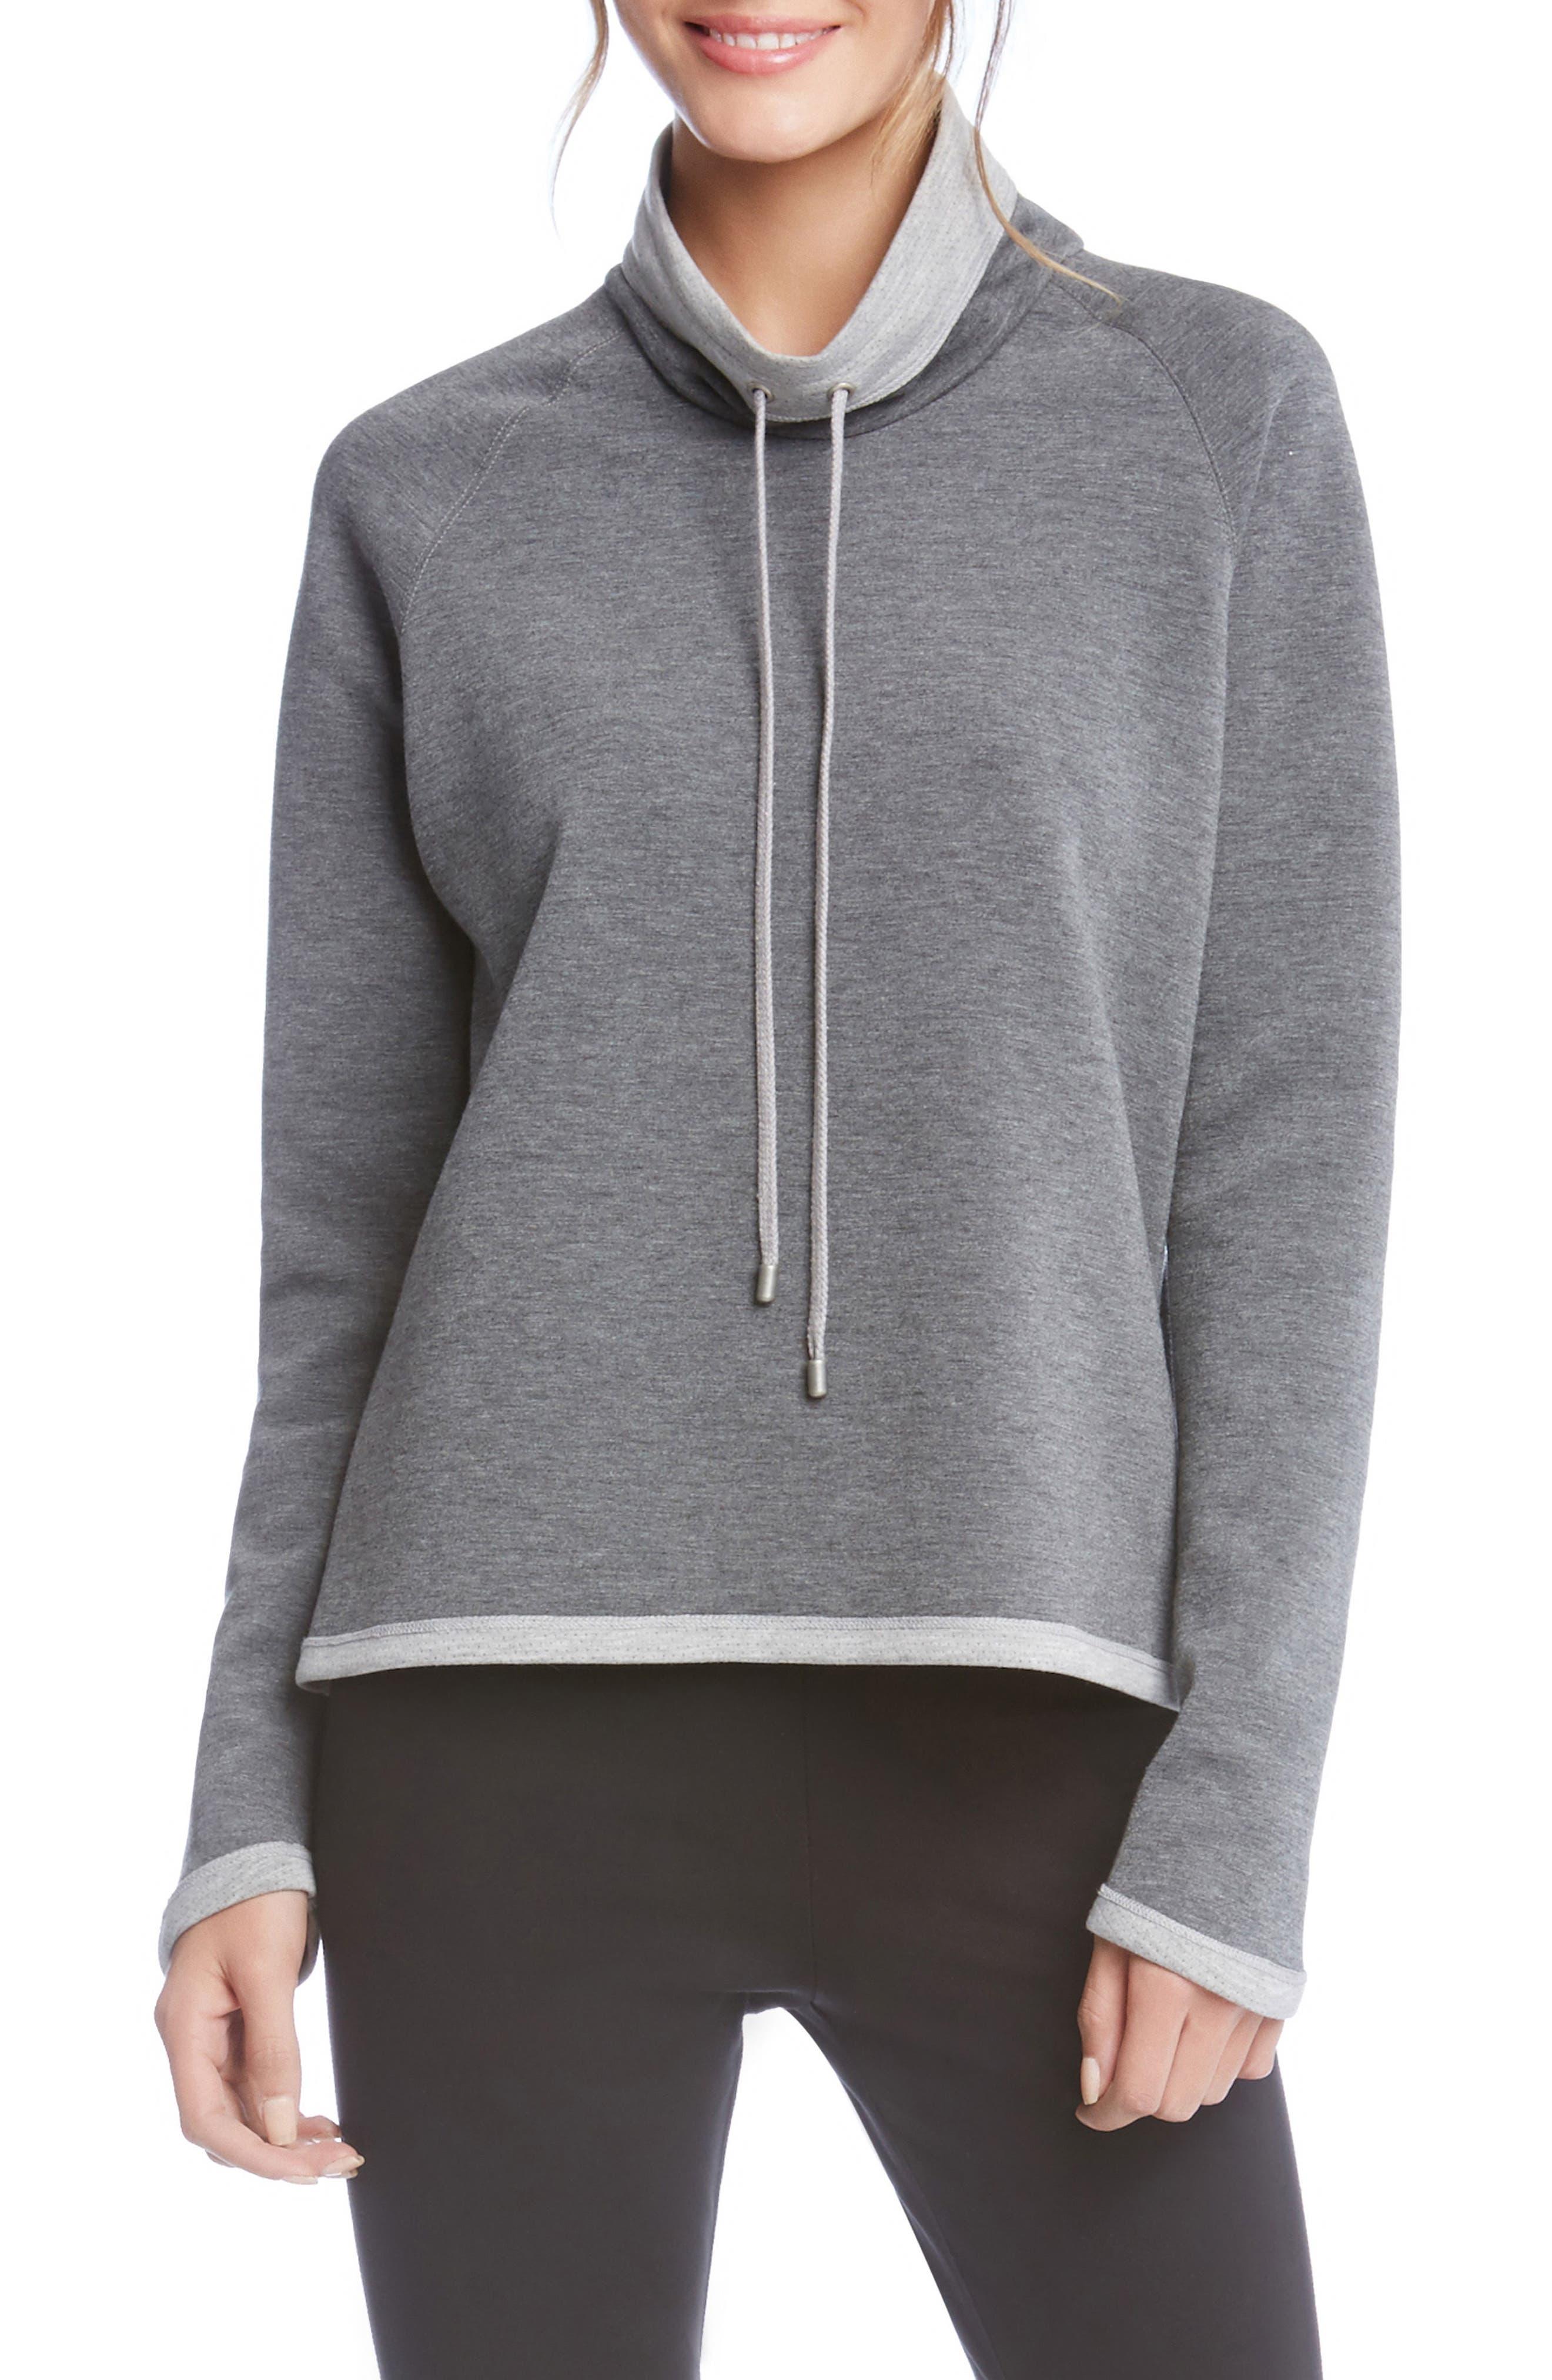 Main Image - Karen Kane Drawstring Neck Contrast Trim Sweatshirt